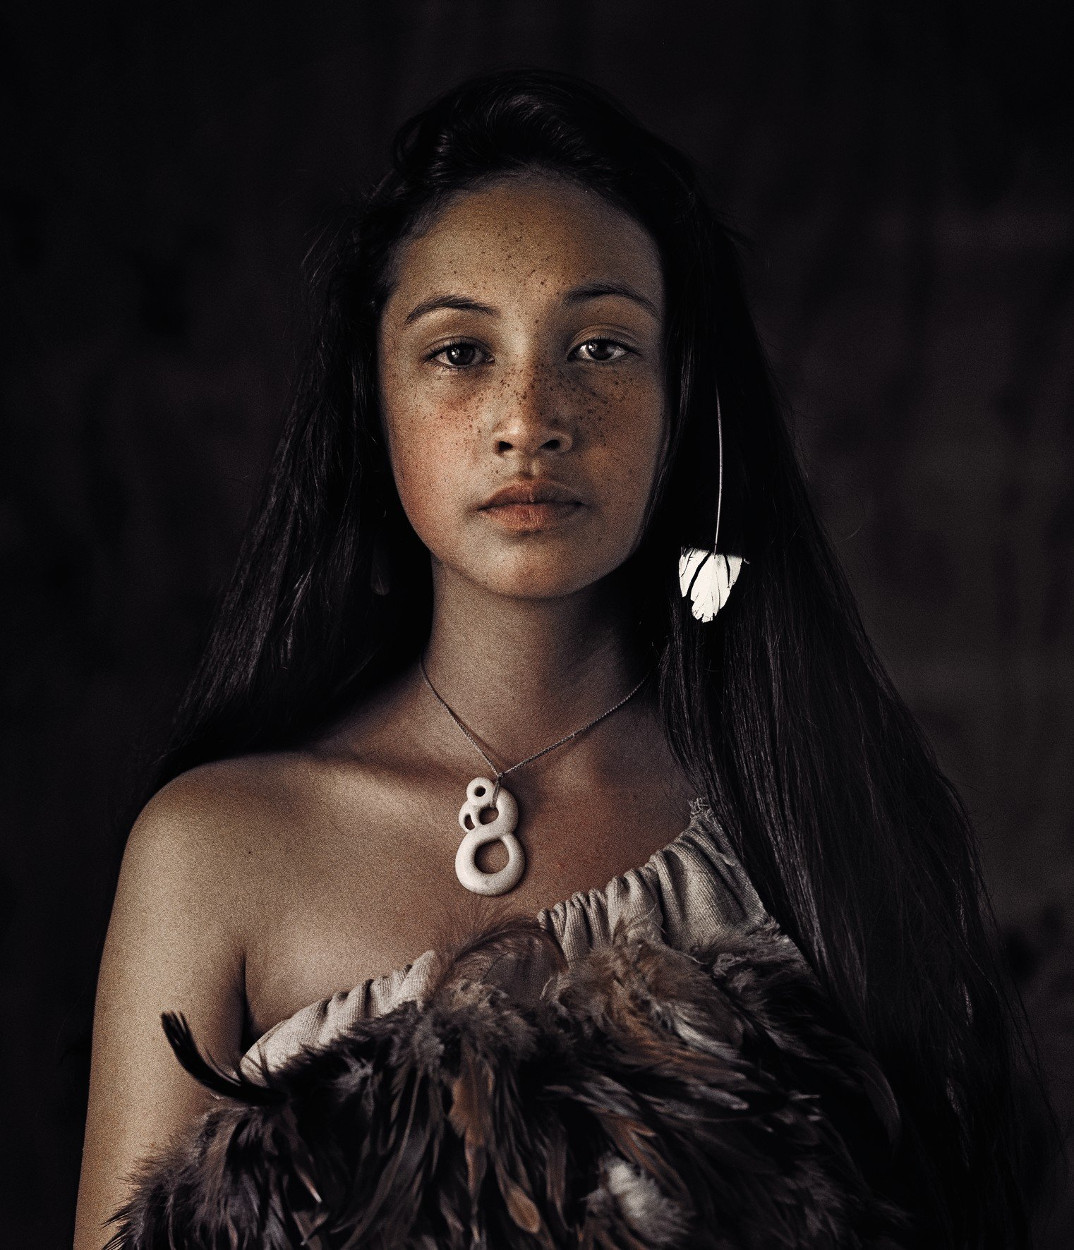 tribu-indigeni-mondo-fotografia-before-they-pass-away-jimmy-nelson-02